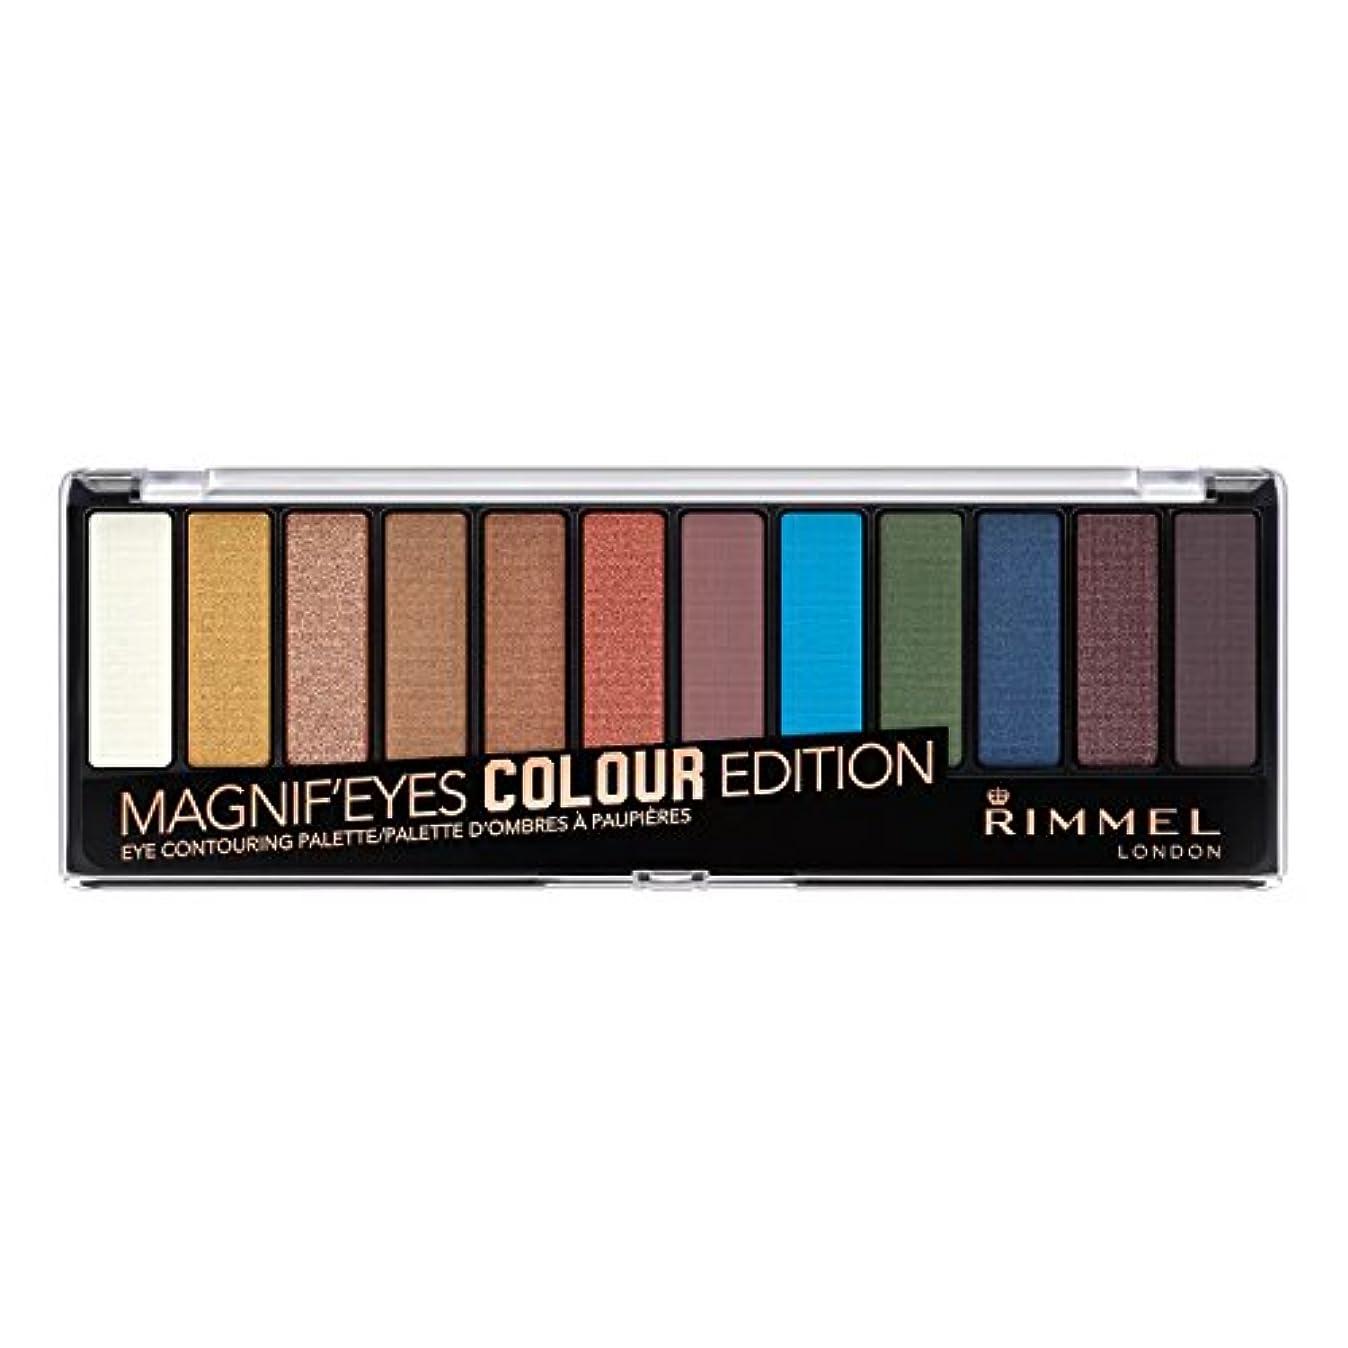 オーラルサーバント断言する(3 Pack) RIMMEL LONDON Magnif'eyes Eyeshadow Palette - Colour Edition (並行輸入品)